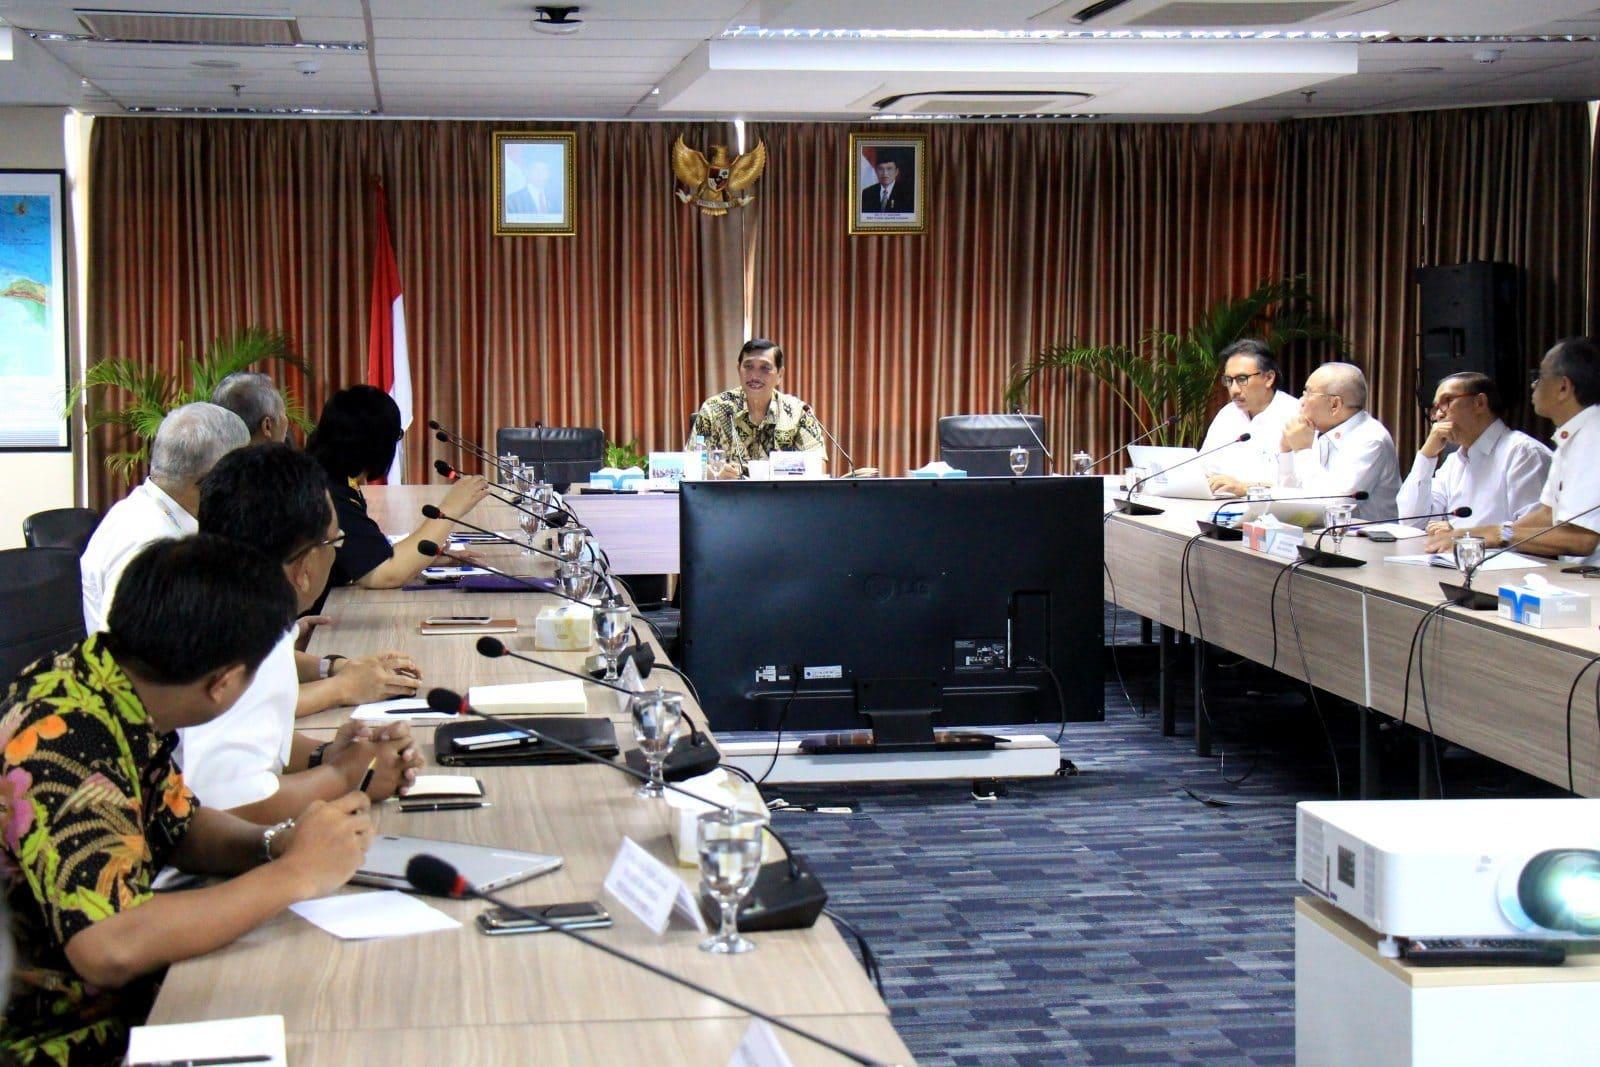 Menko Luhut Pimpin Rapat Koordinasi Rakor tentang Tindak Lanjut Pemanfaatan dan Pengelolaan Dryport Cikarang